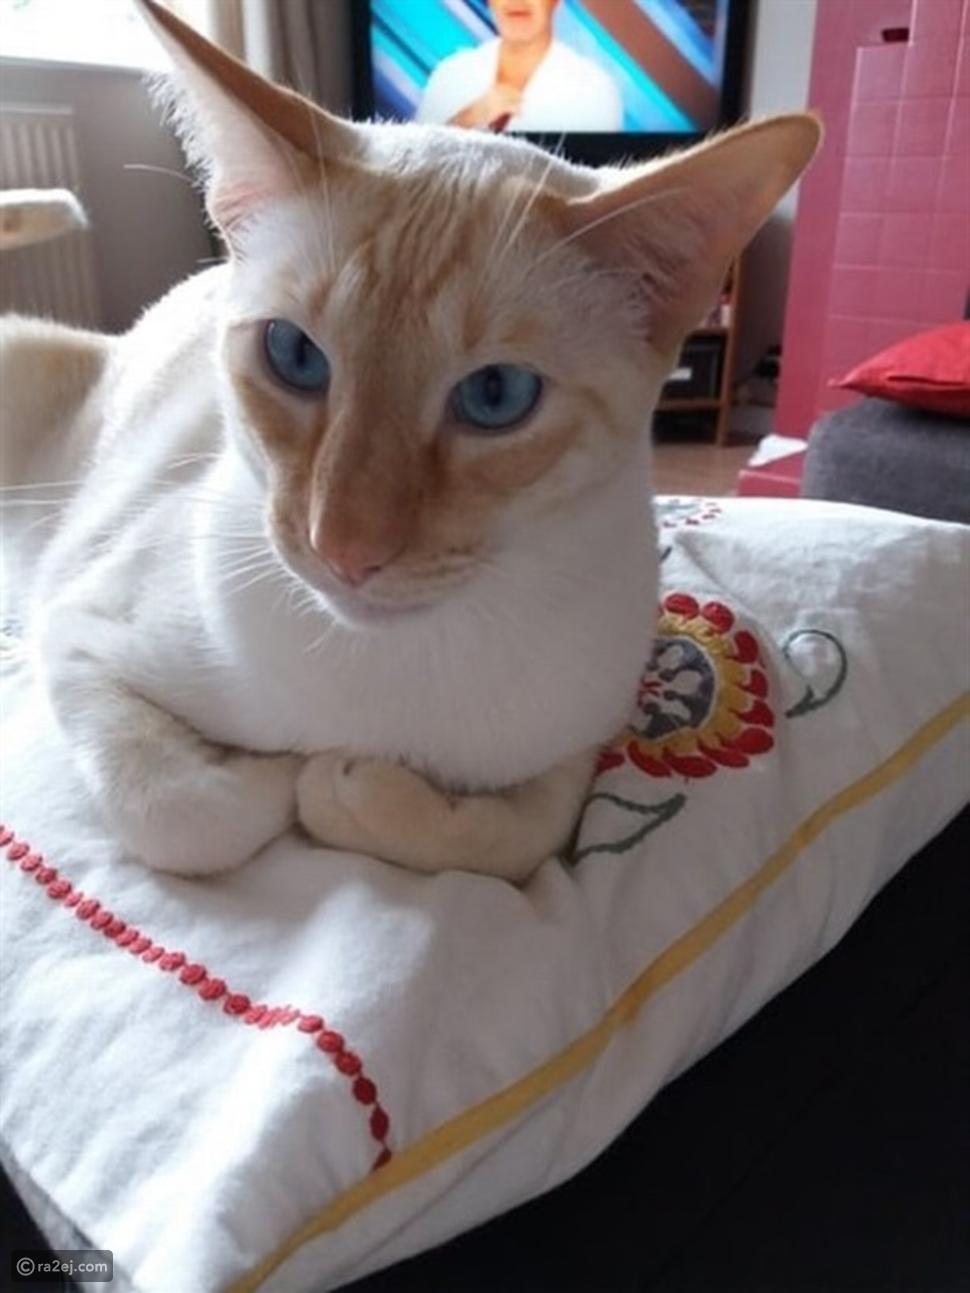 دخلت في غيبوبة وقطع جزء من ذراعها بسبب قطتها!